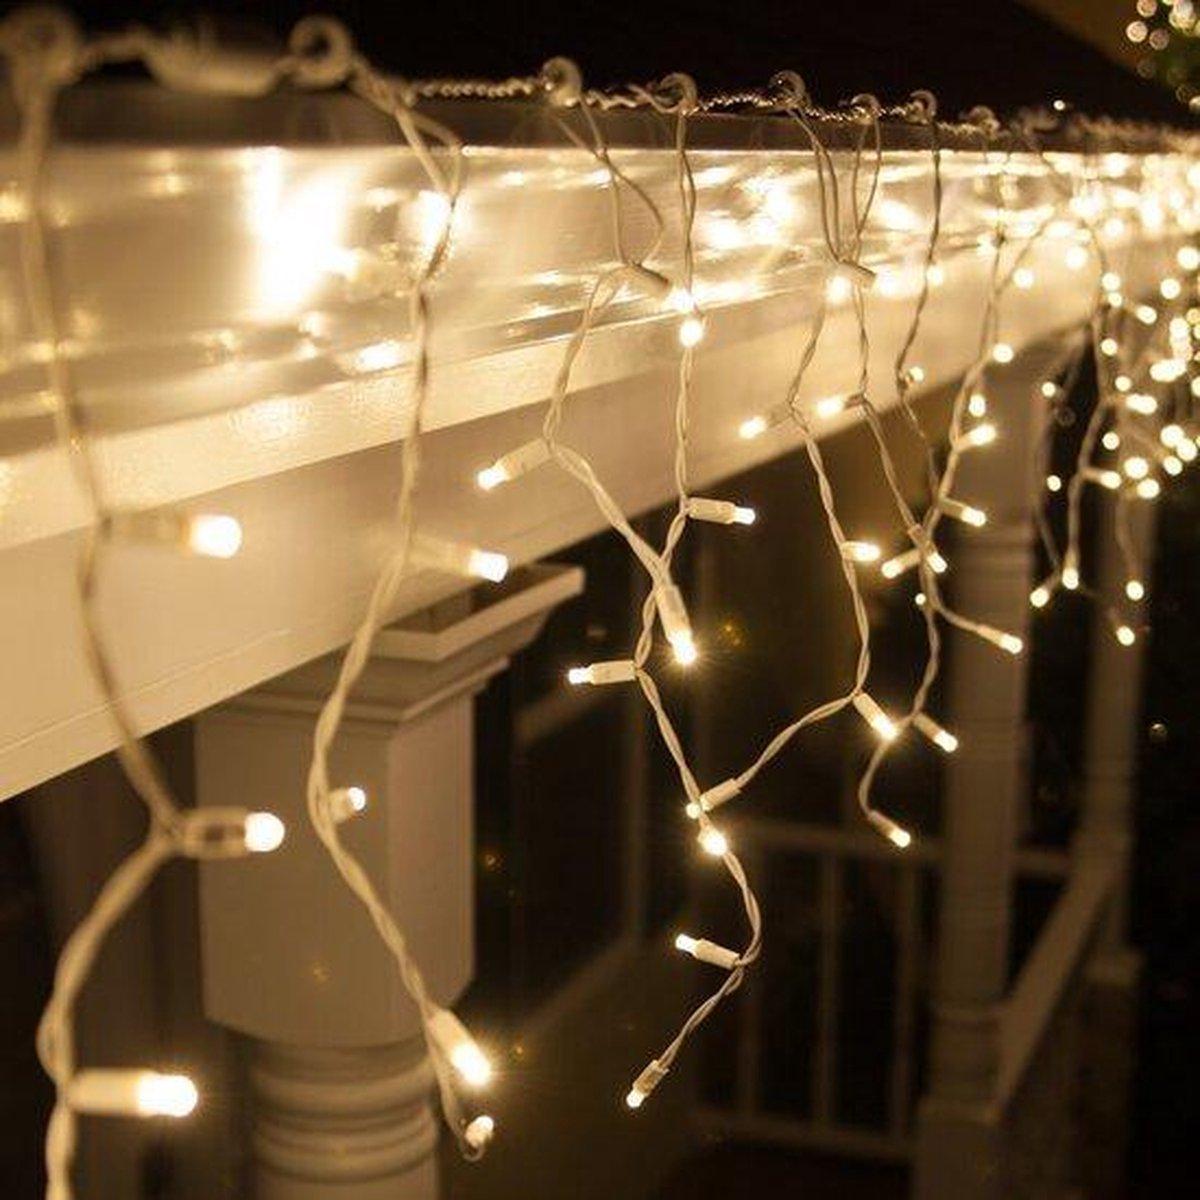 Groenovatie LED IJspegelverlichting - Kerst - 10 Meter - 400 Lampjes - IP44 - Doorkoppelbaar - Warm